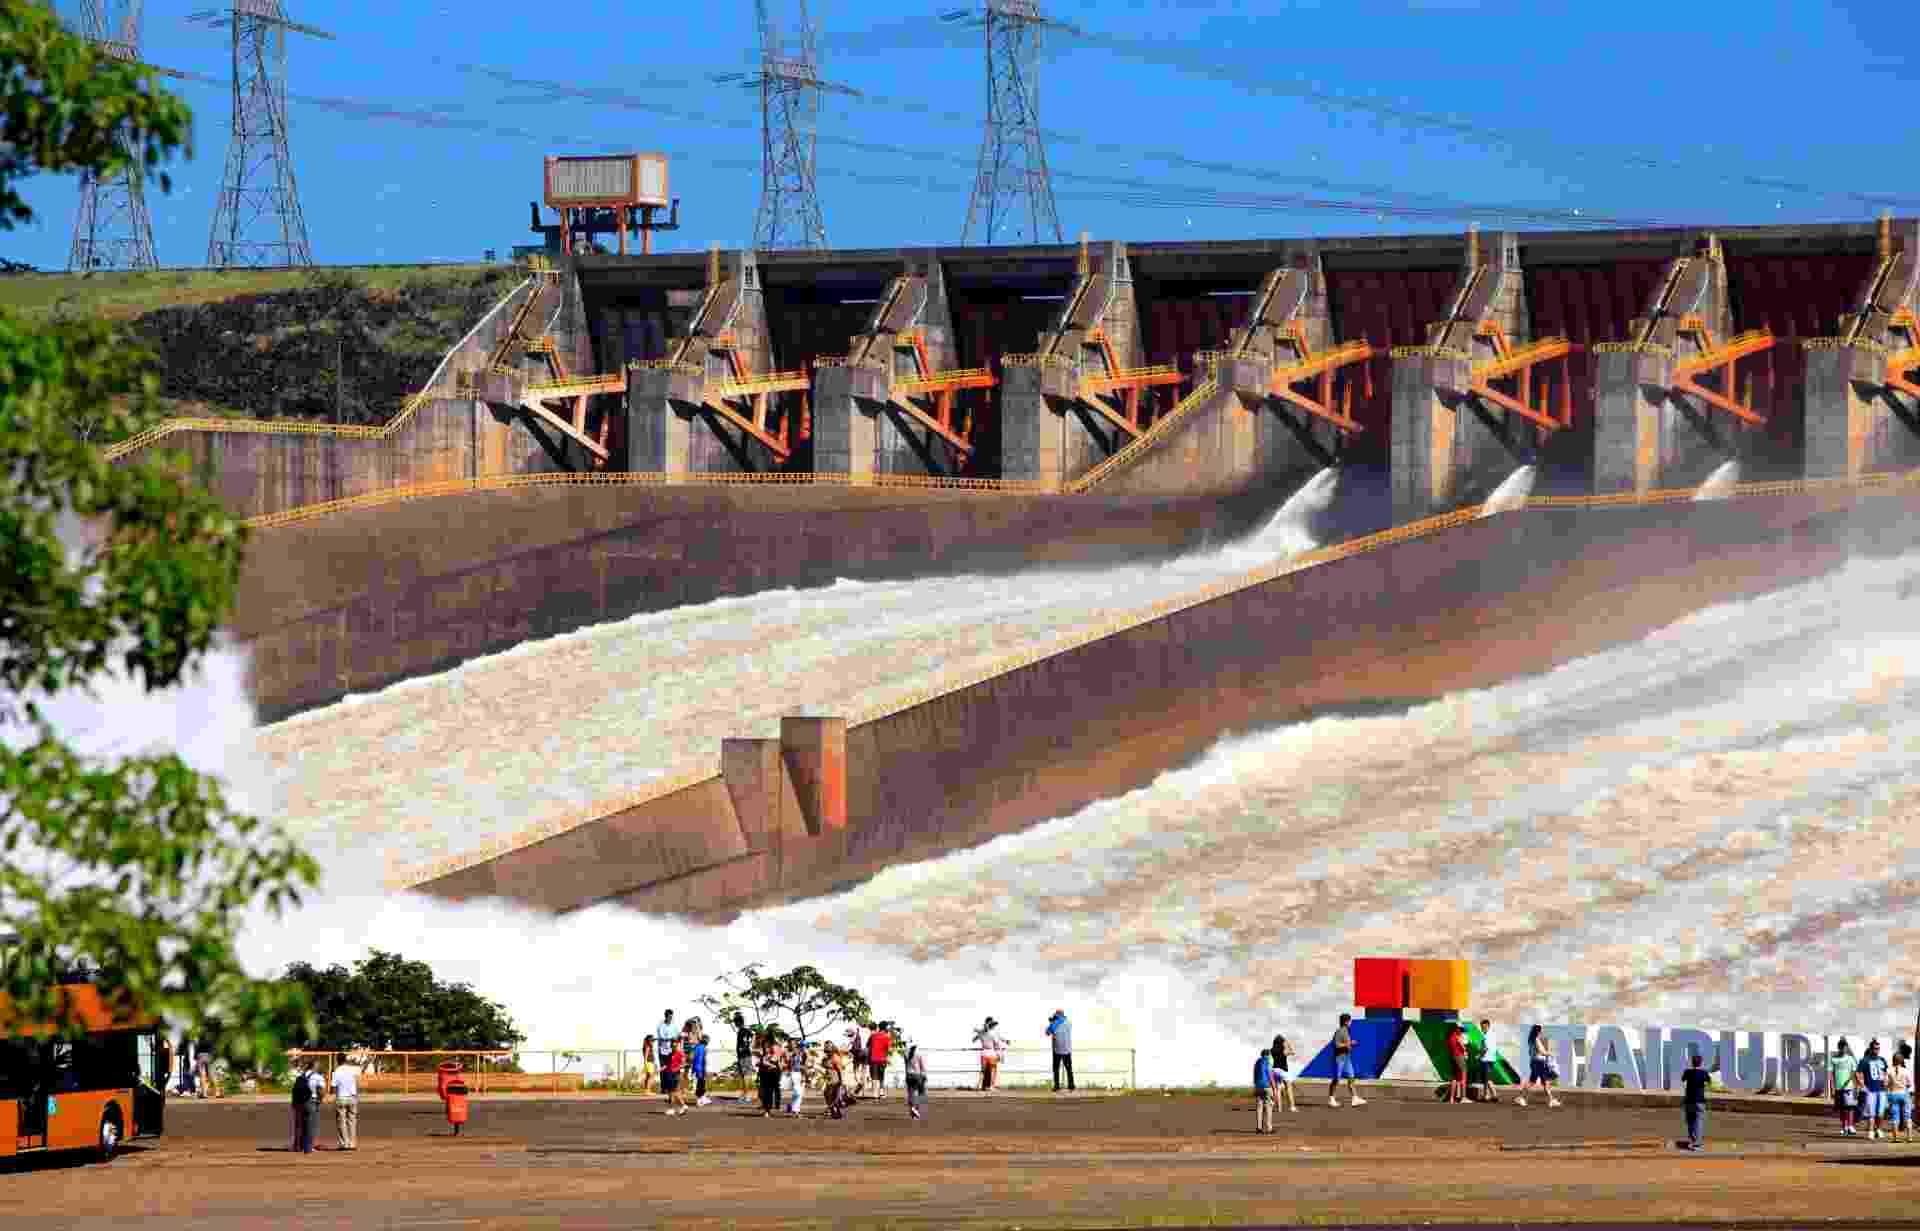 As comportas da usina hidrelétrica de Itaipu, no PR, foram abertas na noite de sexta-feira (16) para reduzir o nível do reservatório, elevado pelo excesso de chuvas na região.  A vazão chegou a 2.642 metros cúbicos de água por segundo, o equivalente à vazão normal de duas Cataratas do Iguaçu. Para aliviar o reservatório, Itaipu deve continuar liberando água por mais três dias - Alexandre Marchetti/ Itaipu Binacional